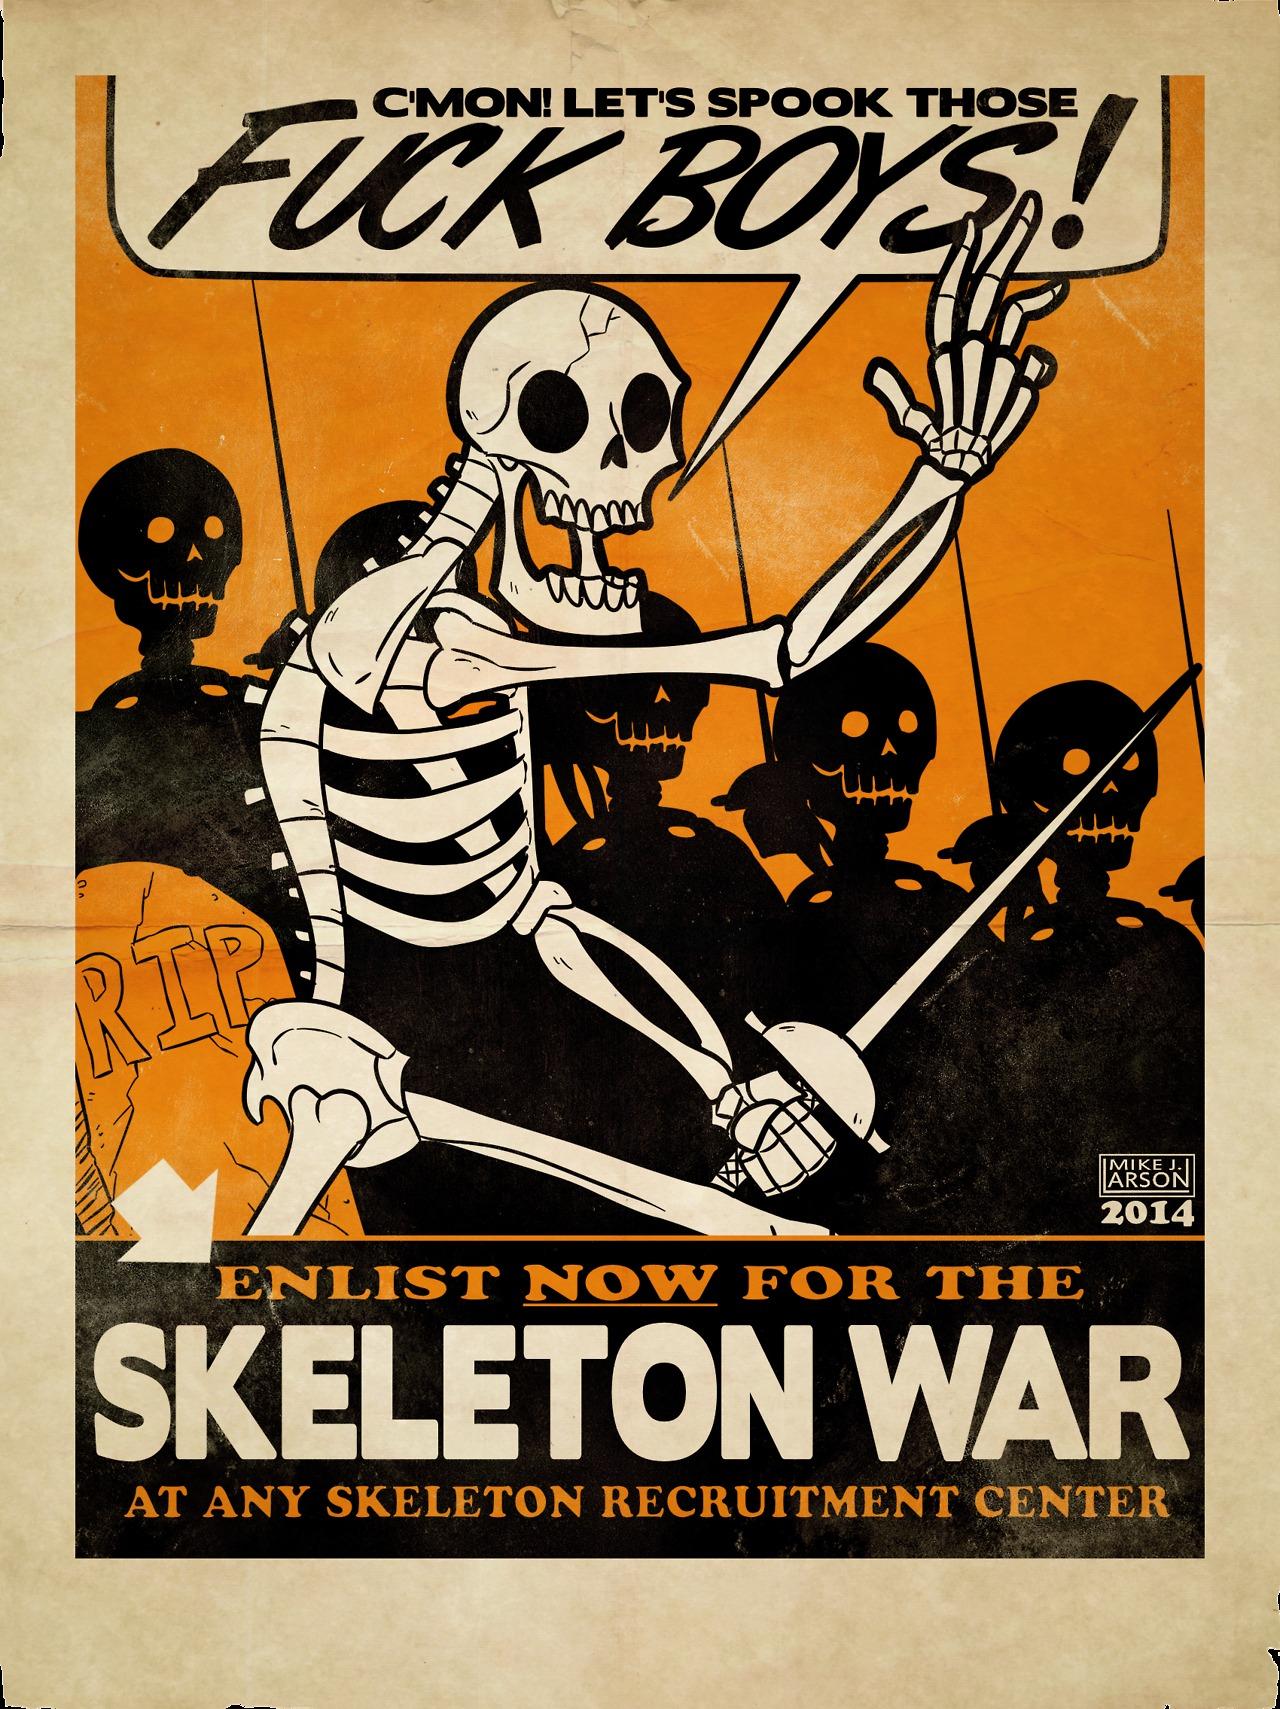 Updoot to enlist in skeltal war now : ledootgeneration